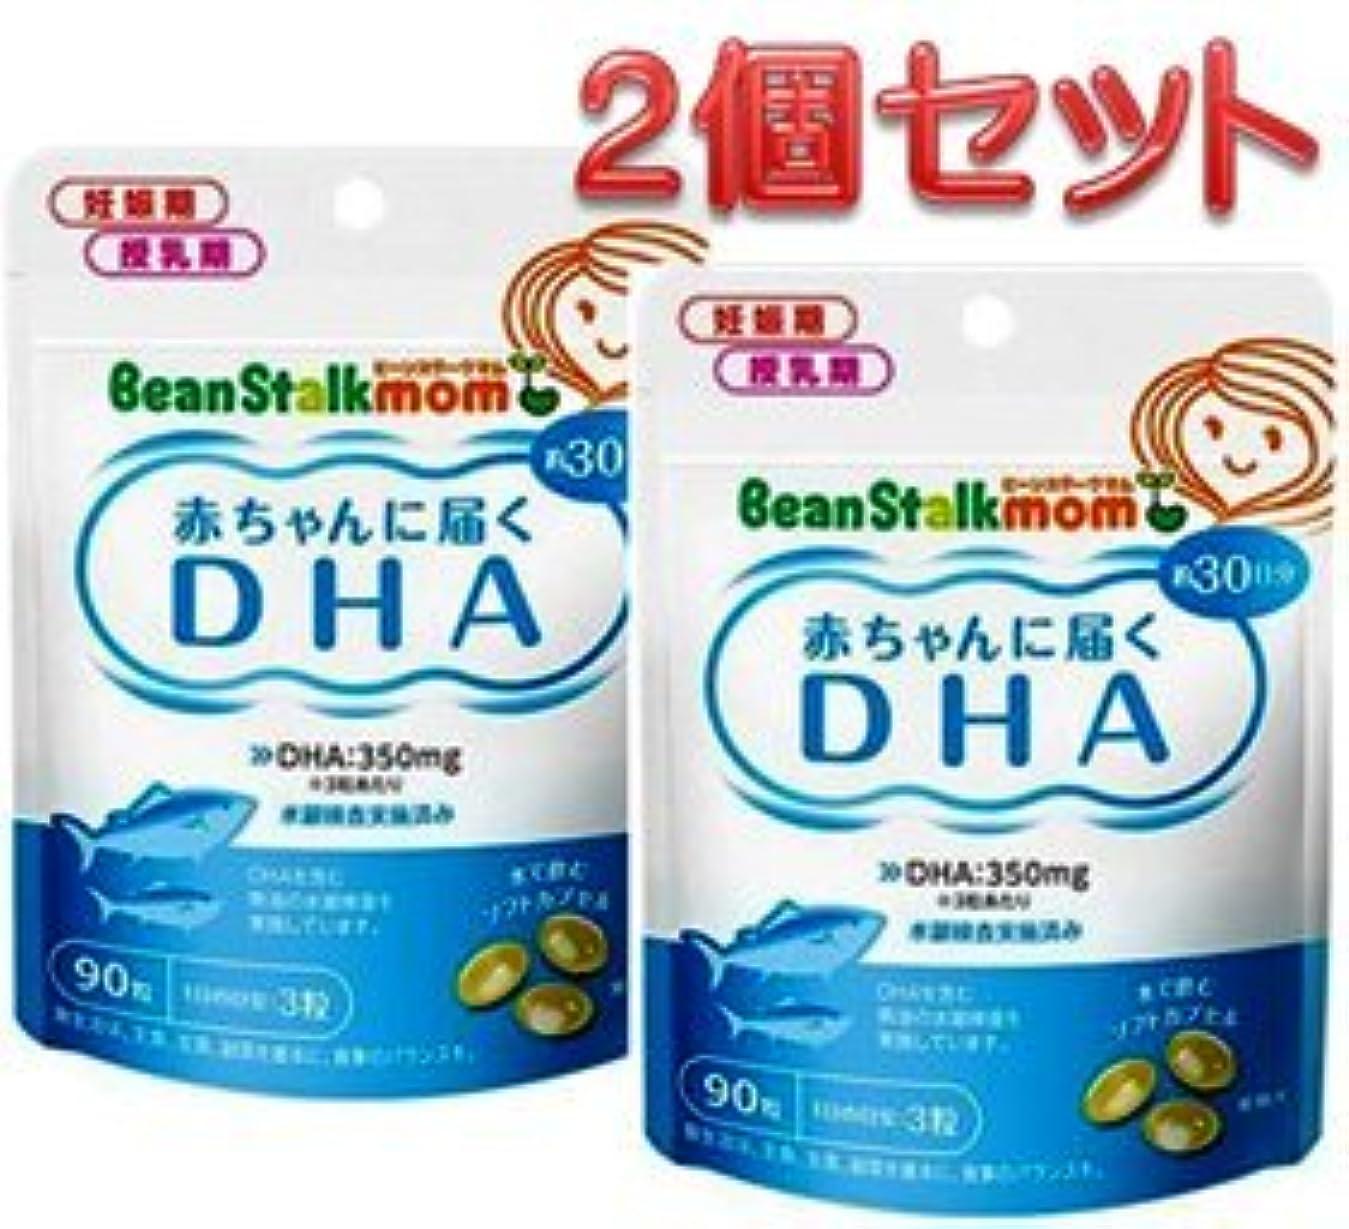 策定するブートアラブビーンスターク?スノー ビーンスタークマム 母乳にいいもの赤ちゃんに届くDHA90粒(30日分) ×2個セット2か月分